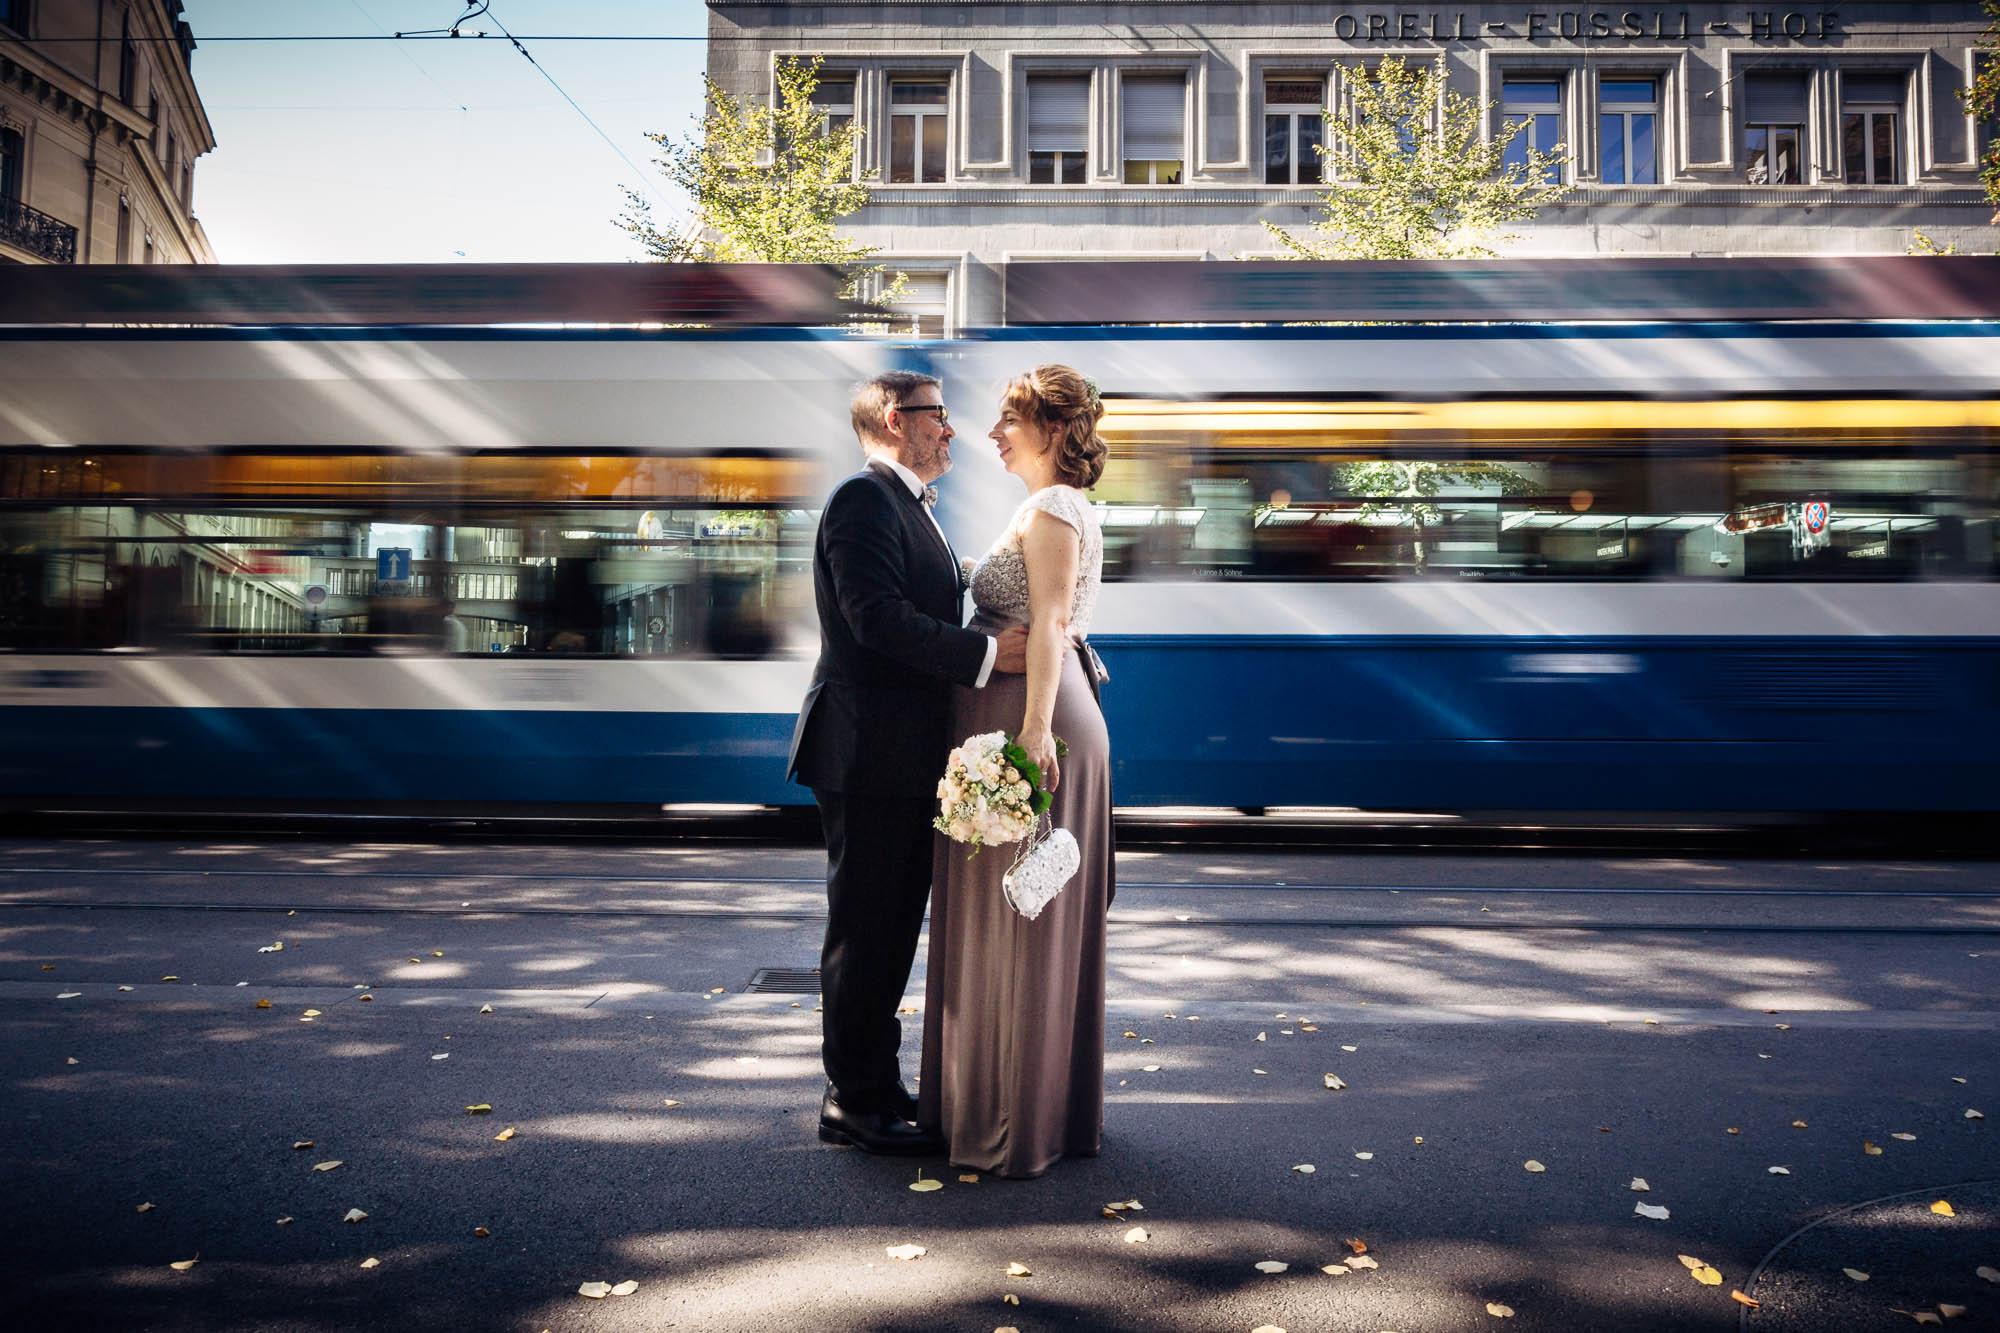 Hochzeitsfotos an der Bahnhofstrasse vor dem Tram